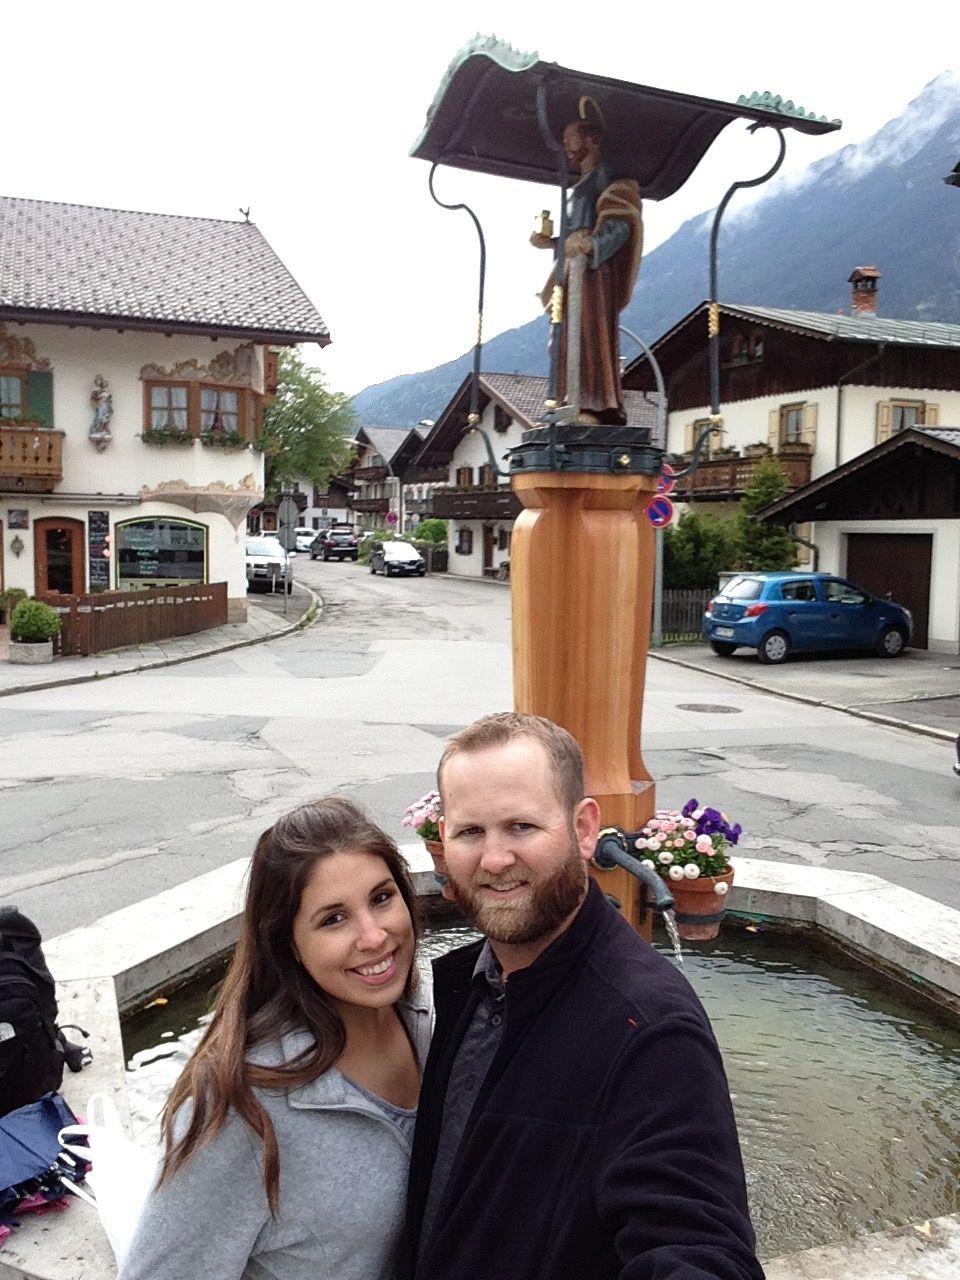 Travel tips Garmisch-Partenkirchen, Germany Faith. Love. Travel blog #Germany #Garmish-Partenkirchen # travel